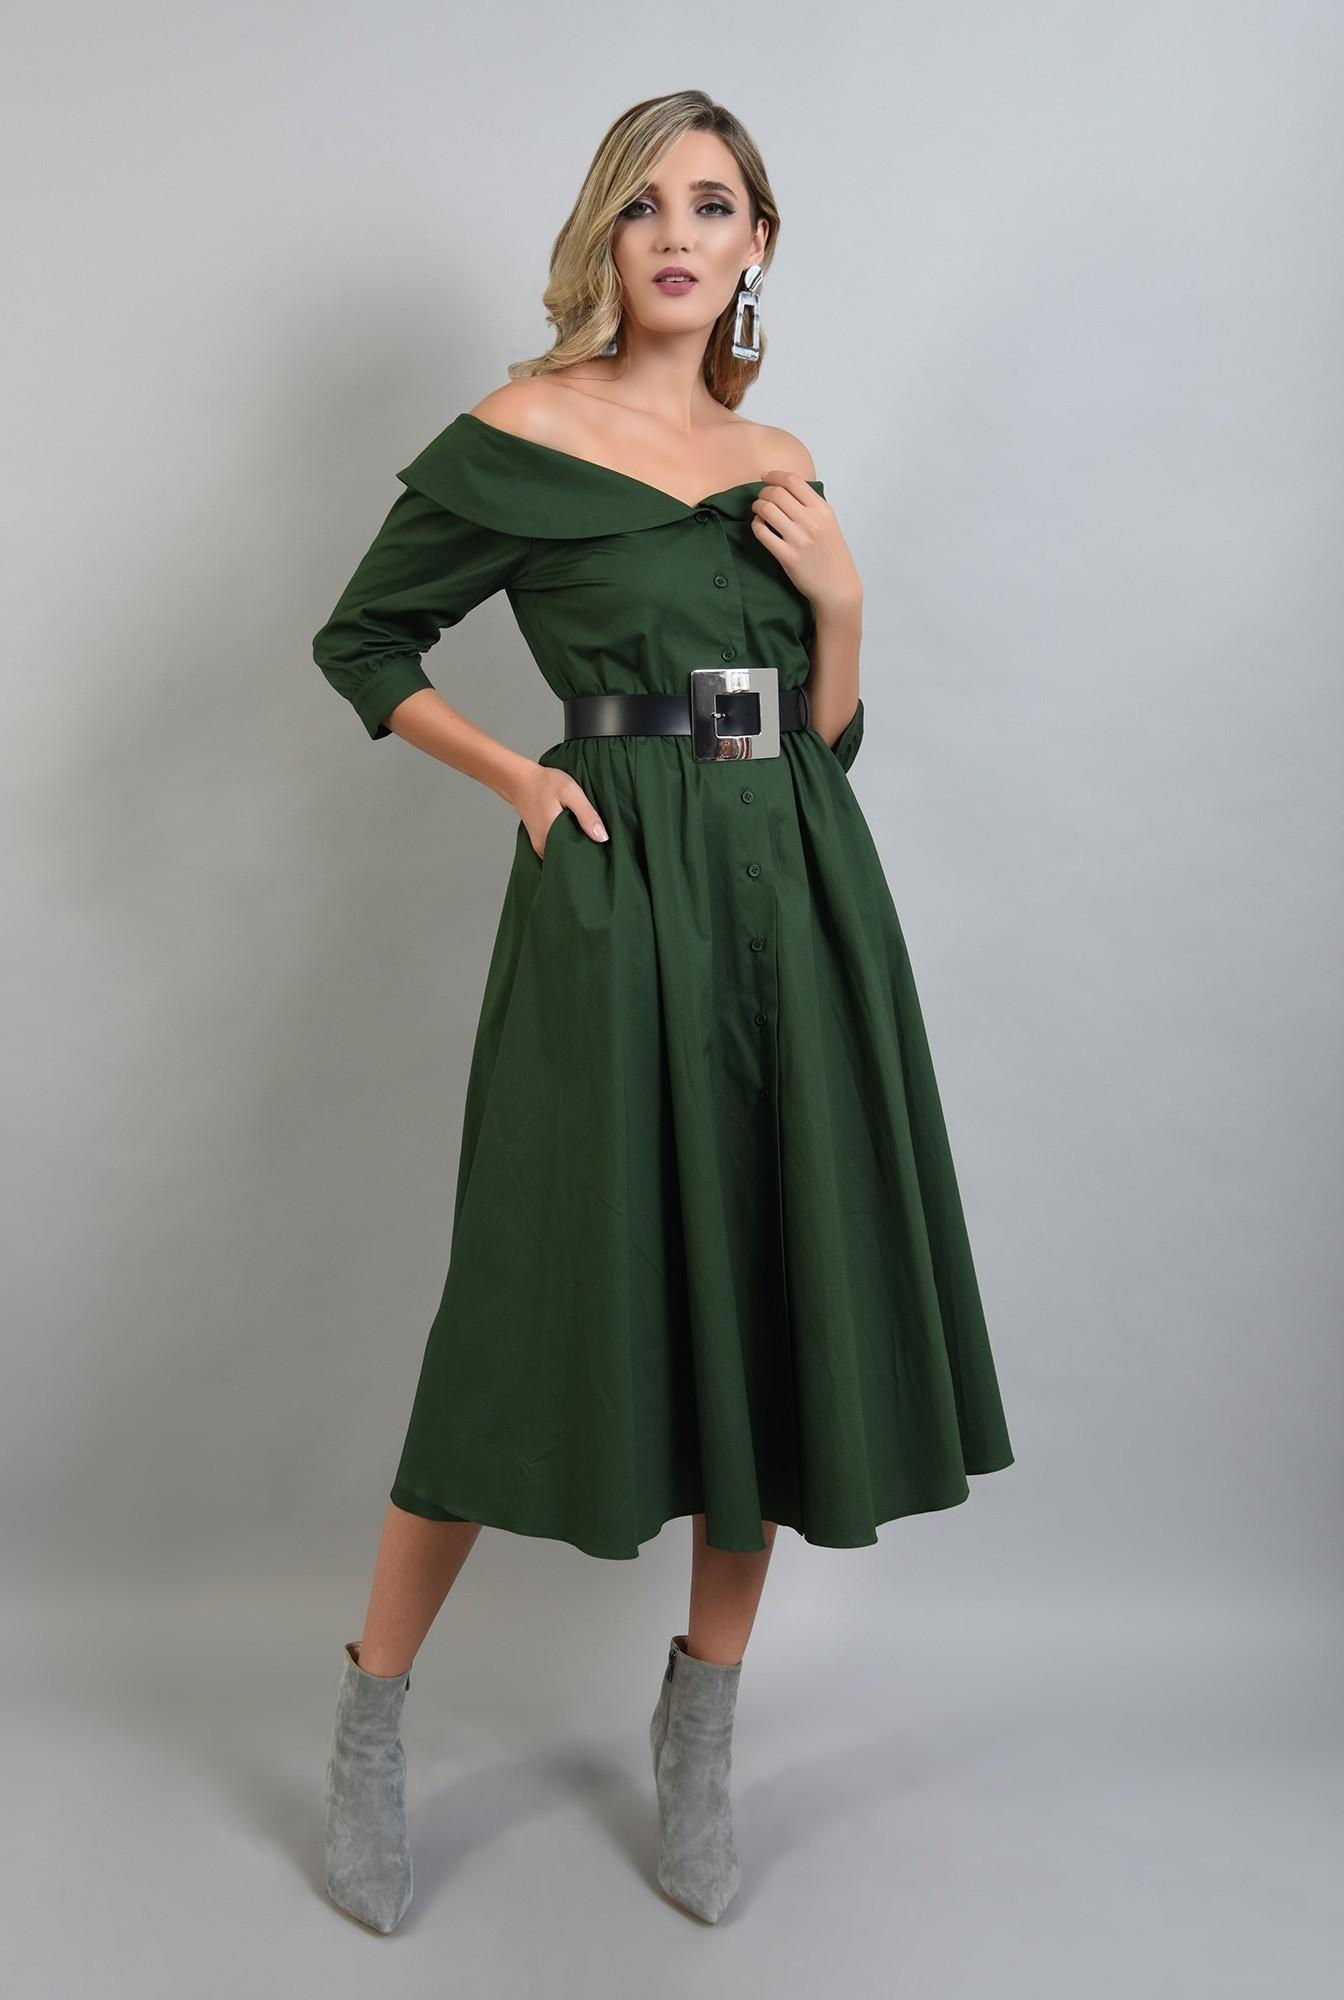 2 - 360 - rochie verde midi, evazata, Poema